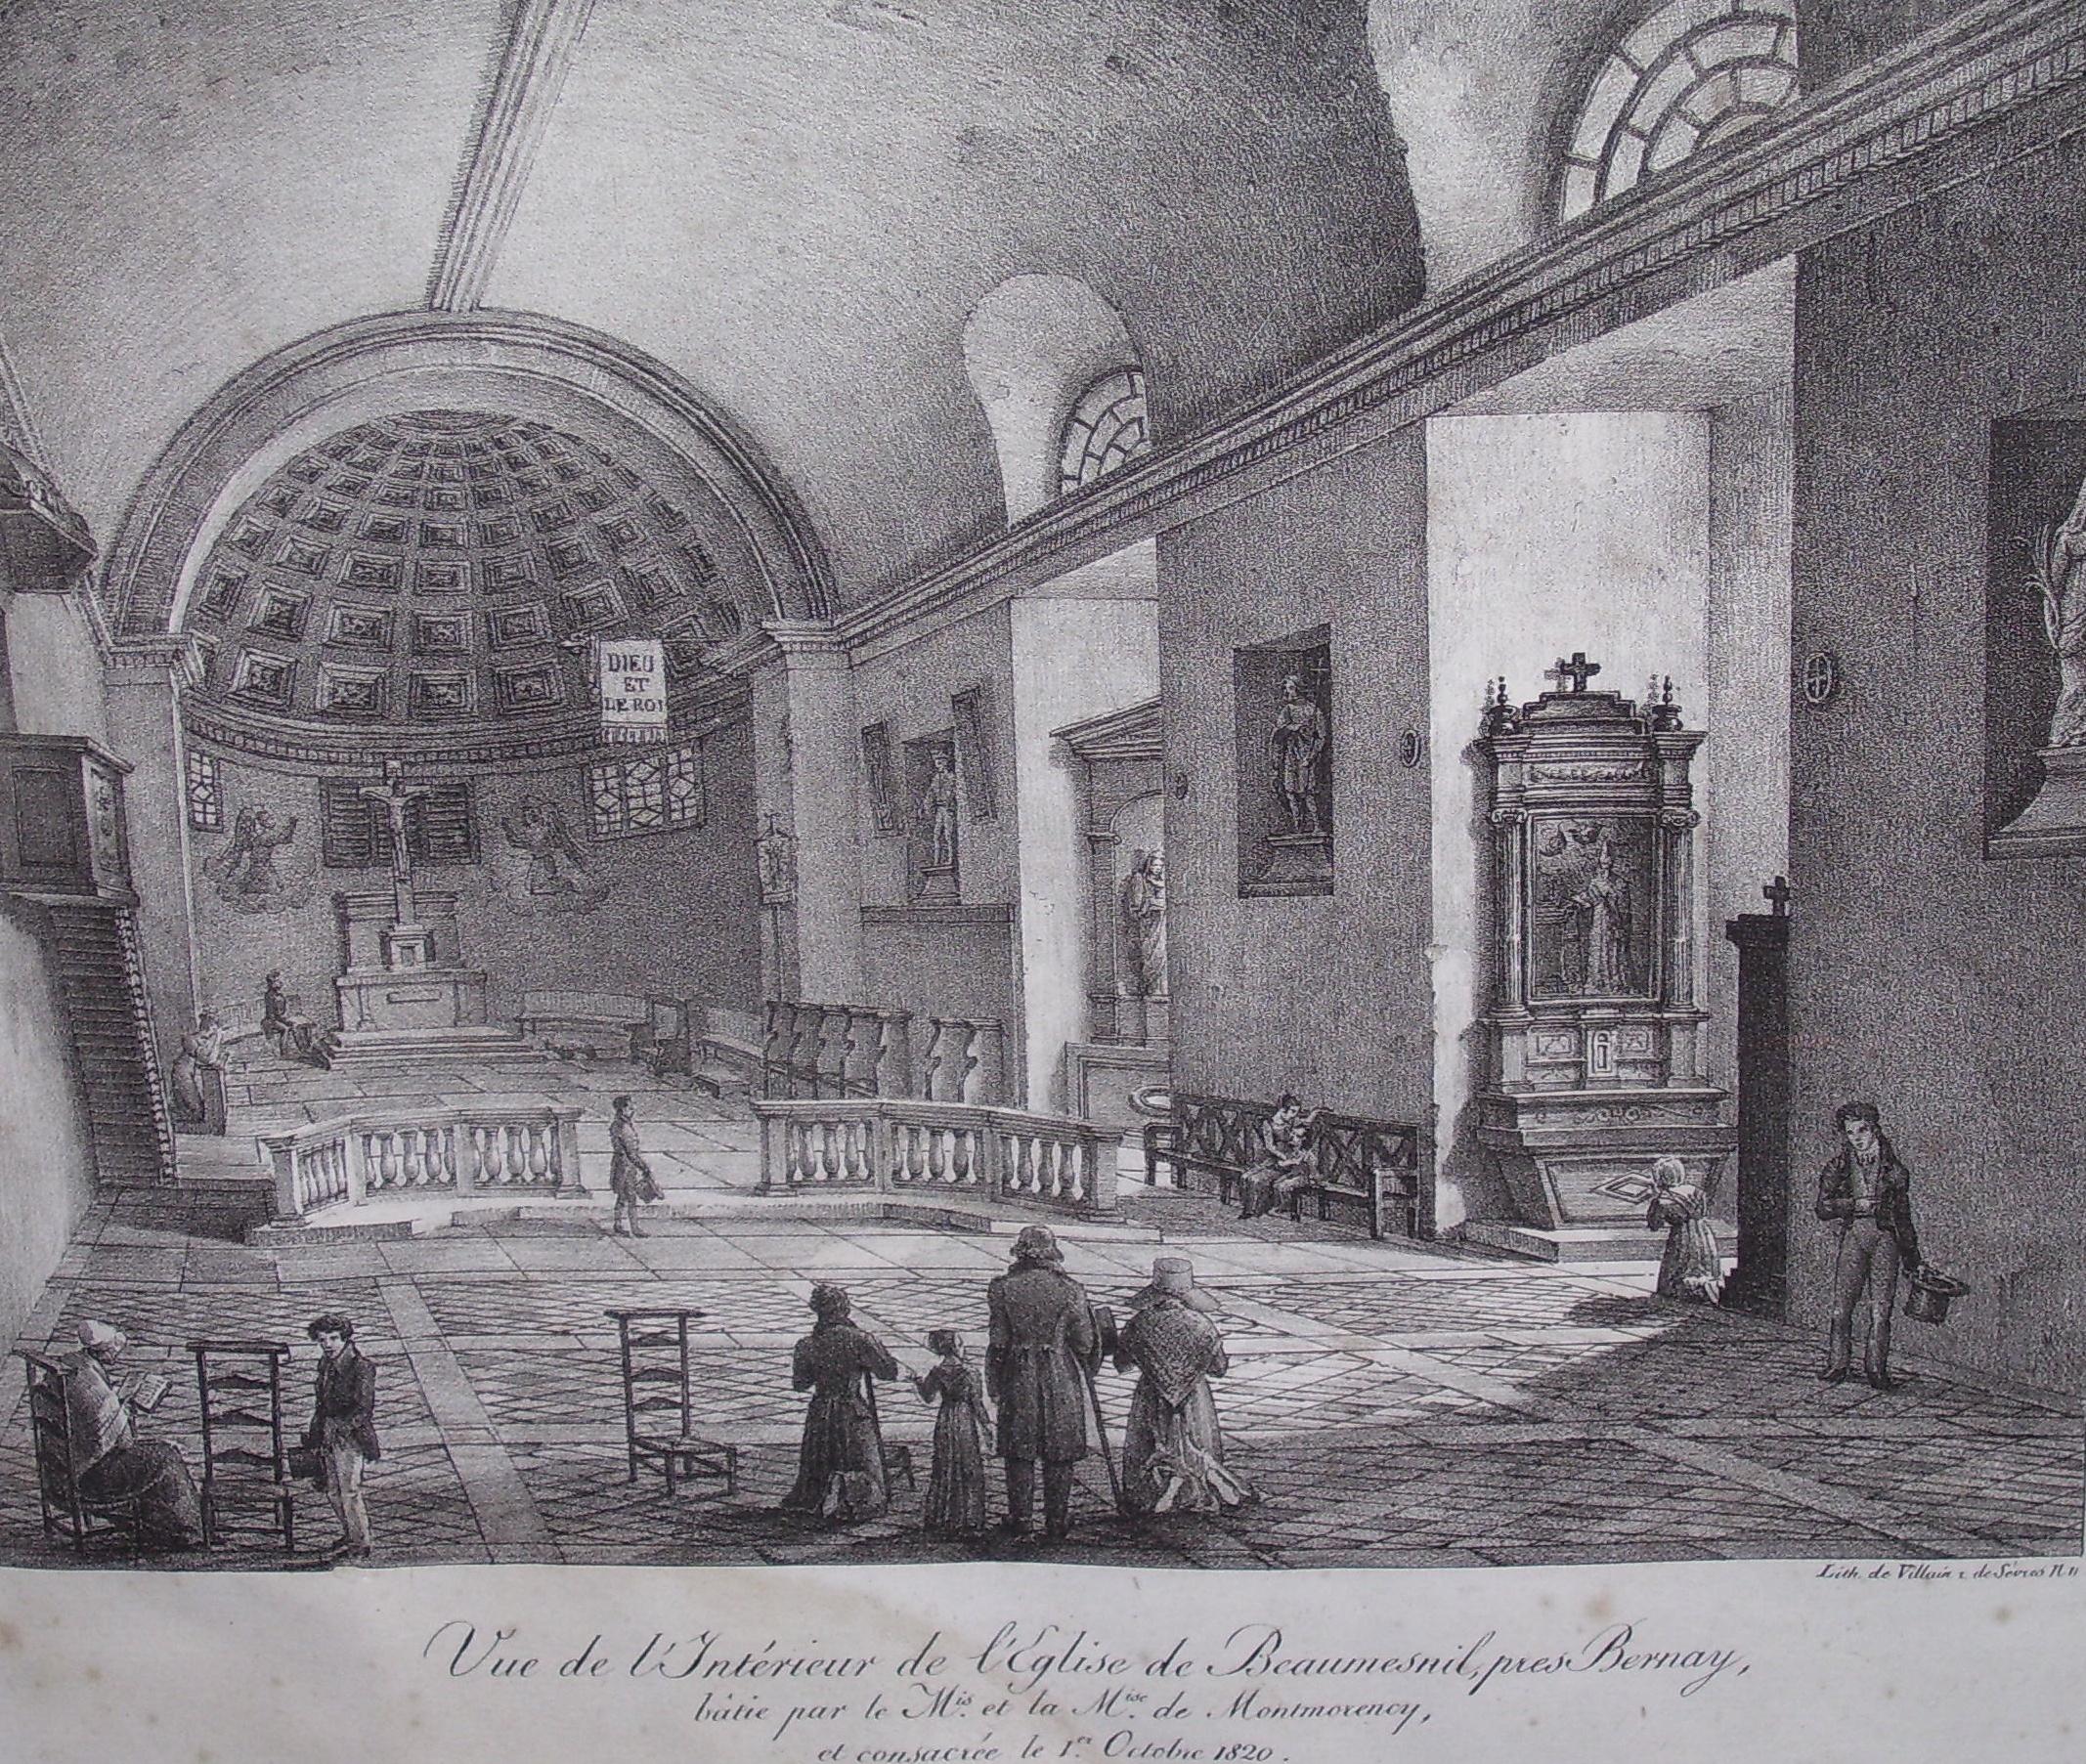 Das Innere der Kirche in Beaumesnil, Stich von Edouard-Auguste Villain (1829 - 1876), public domain/gemeinfrei